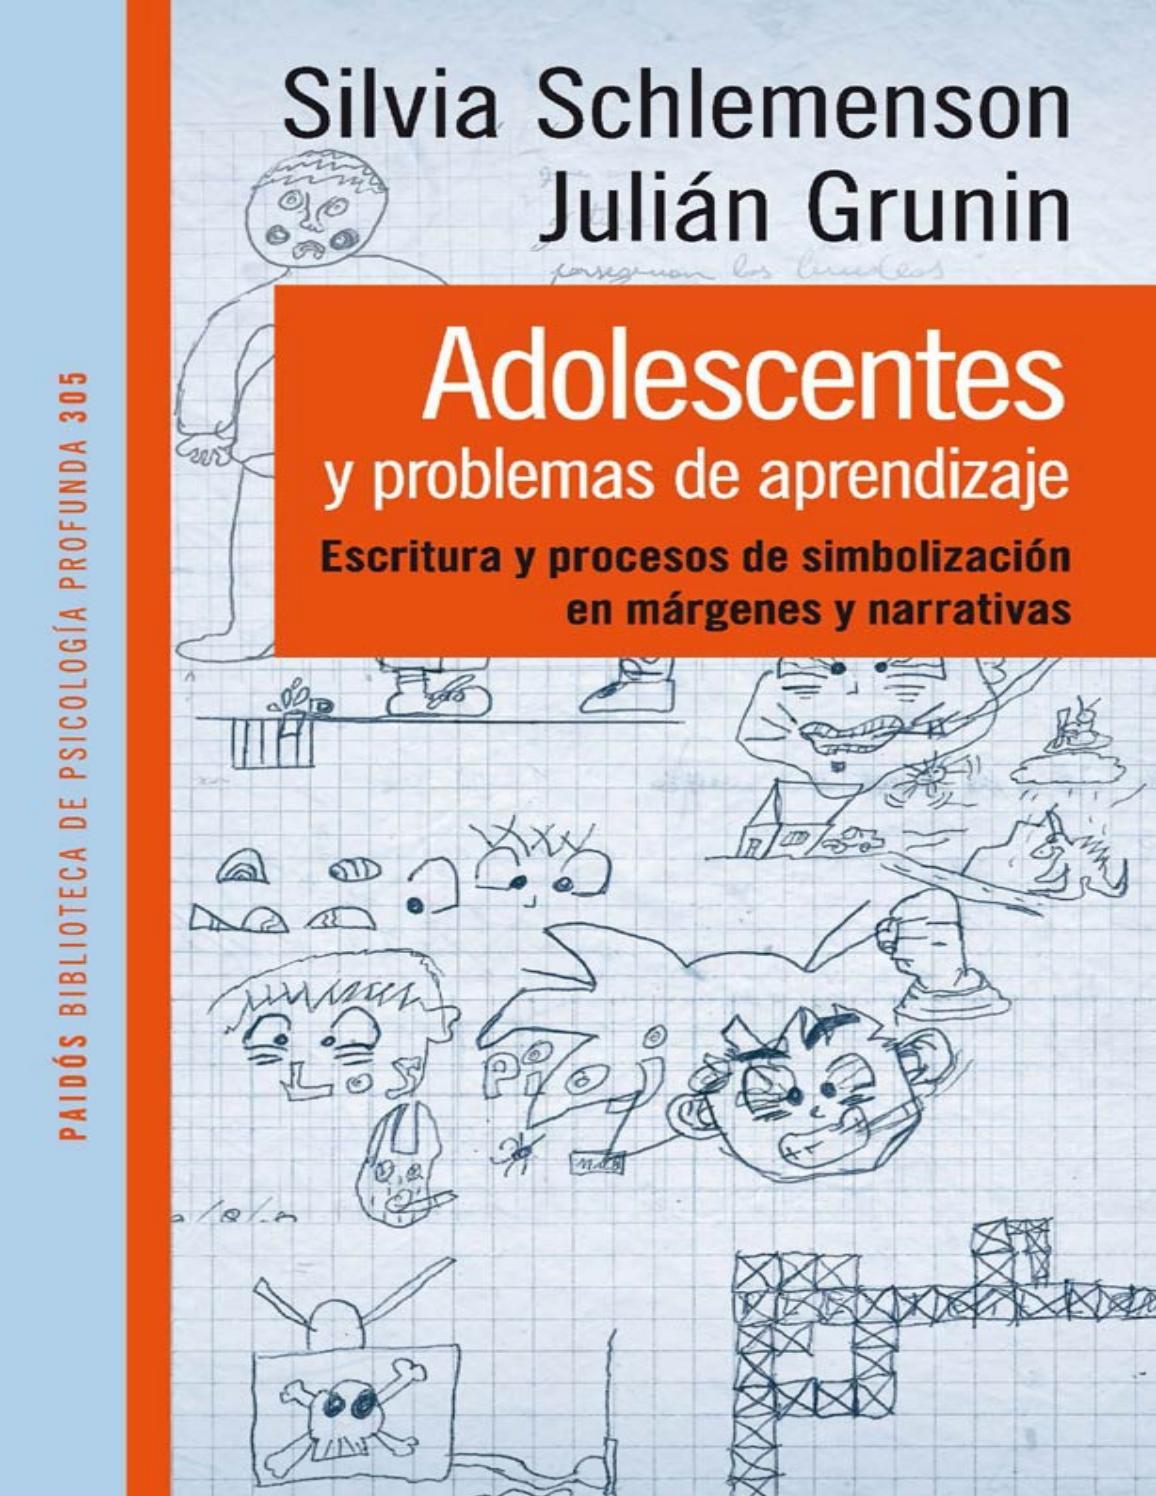 Libro adolescentes y problemas de aprendizaje silvia schlemenson y ...